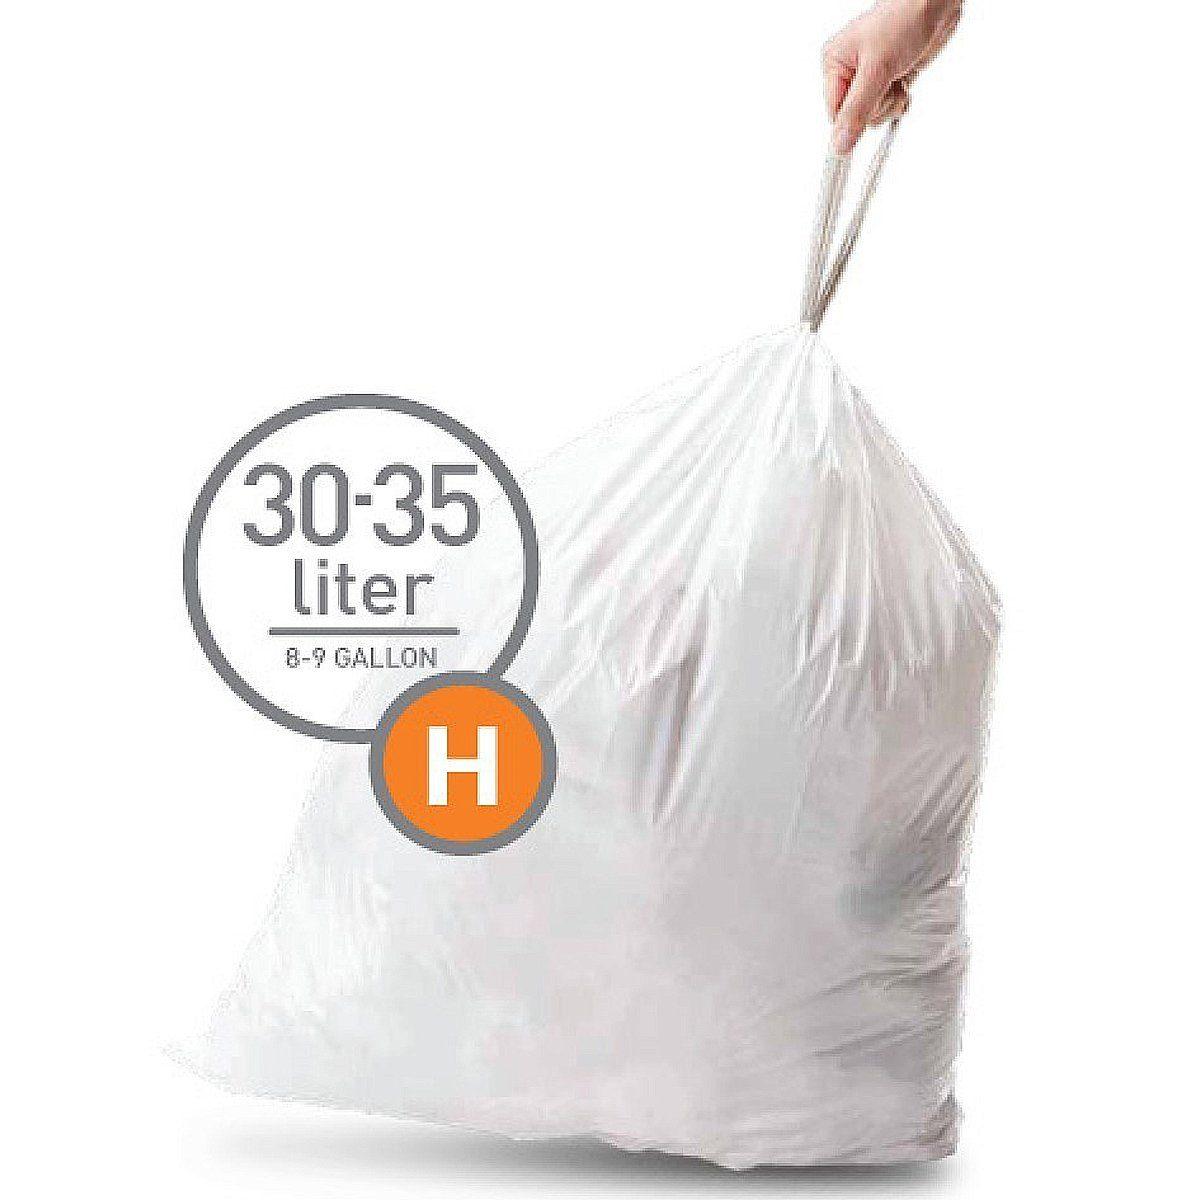 Simplehuman simplehuman 20 Abfallbeutel Müllbeutel H 30 l